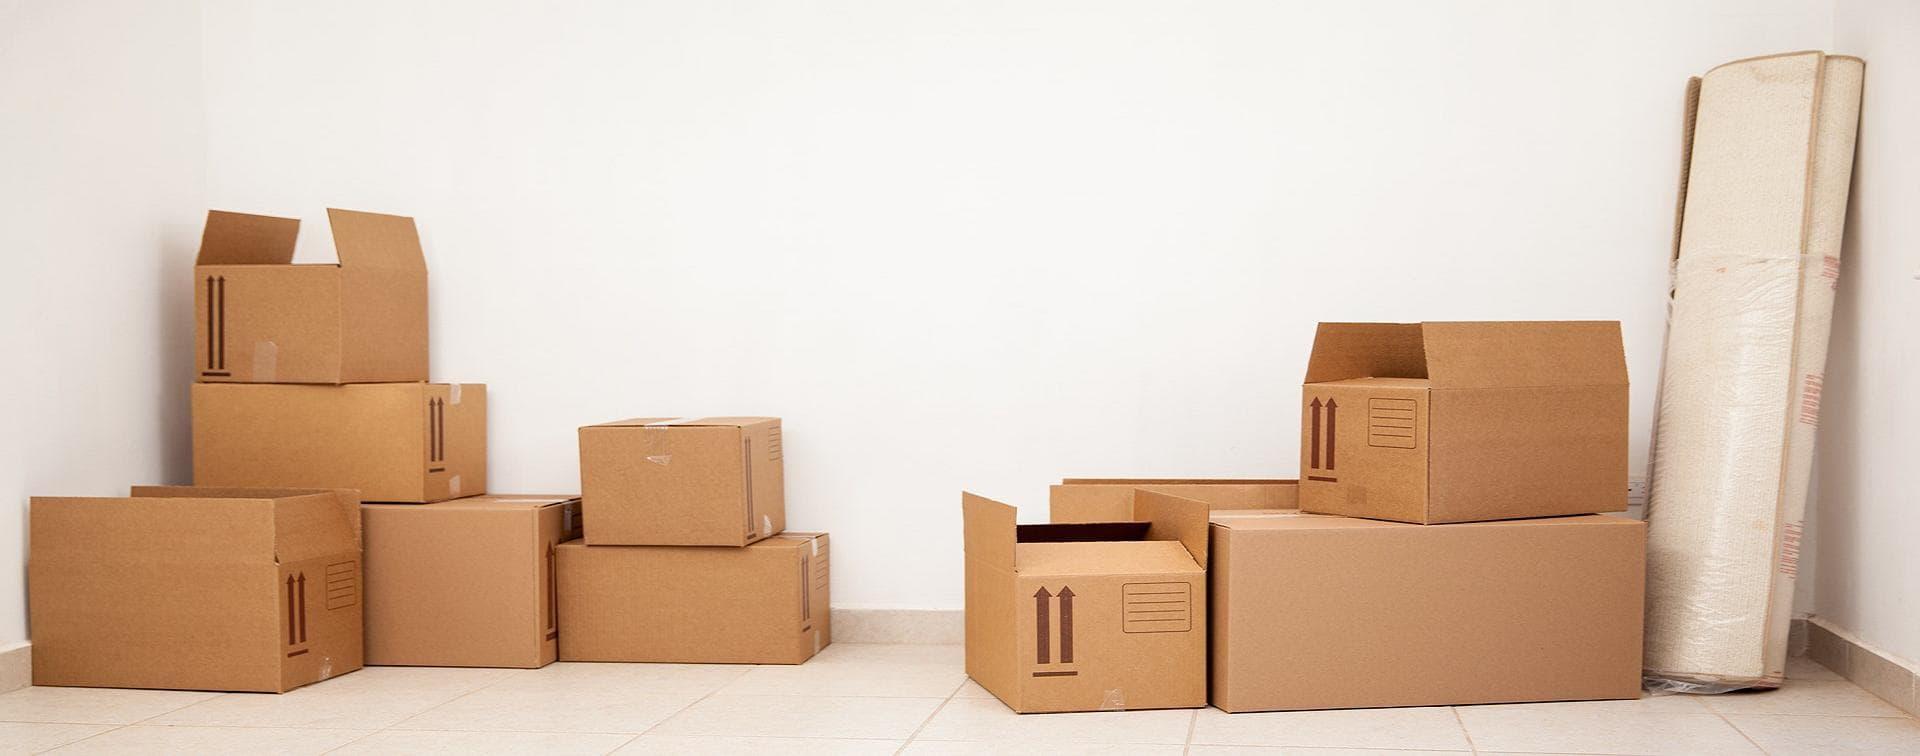 ارسال اثاثیه منزل به اروپا